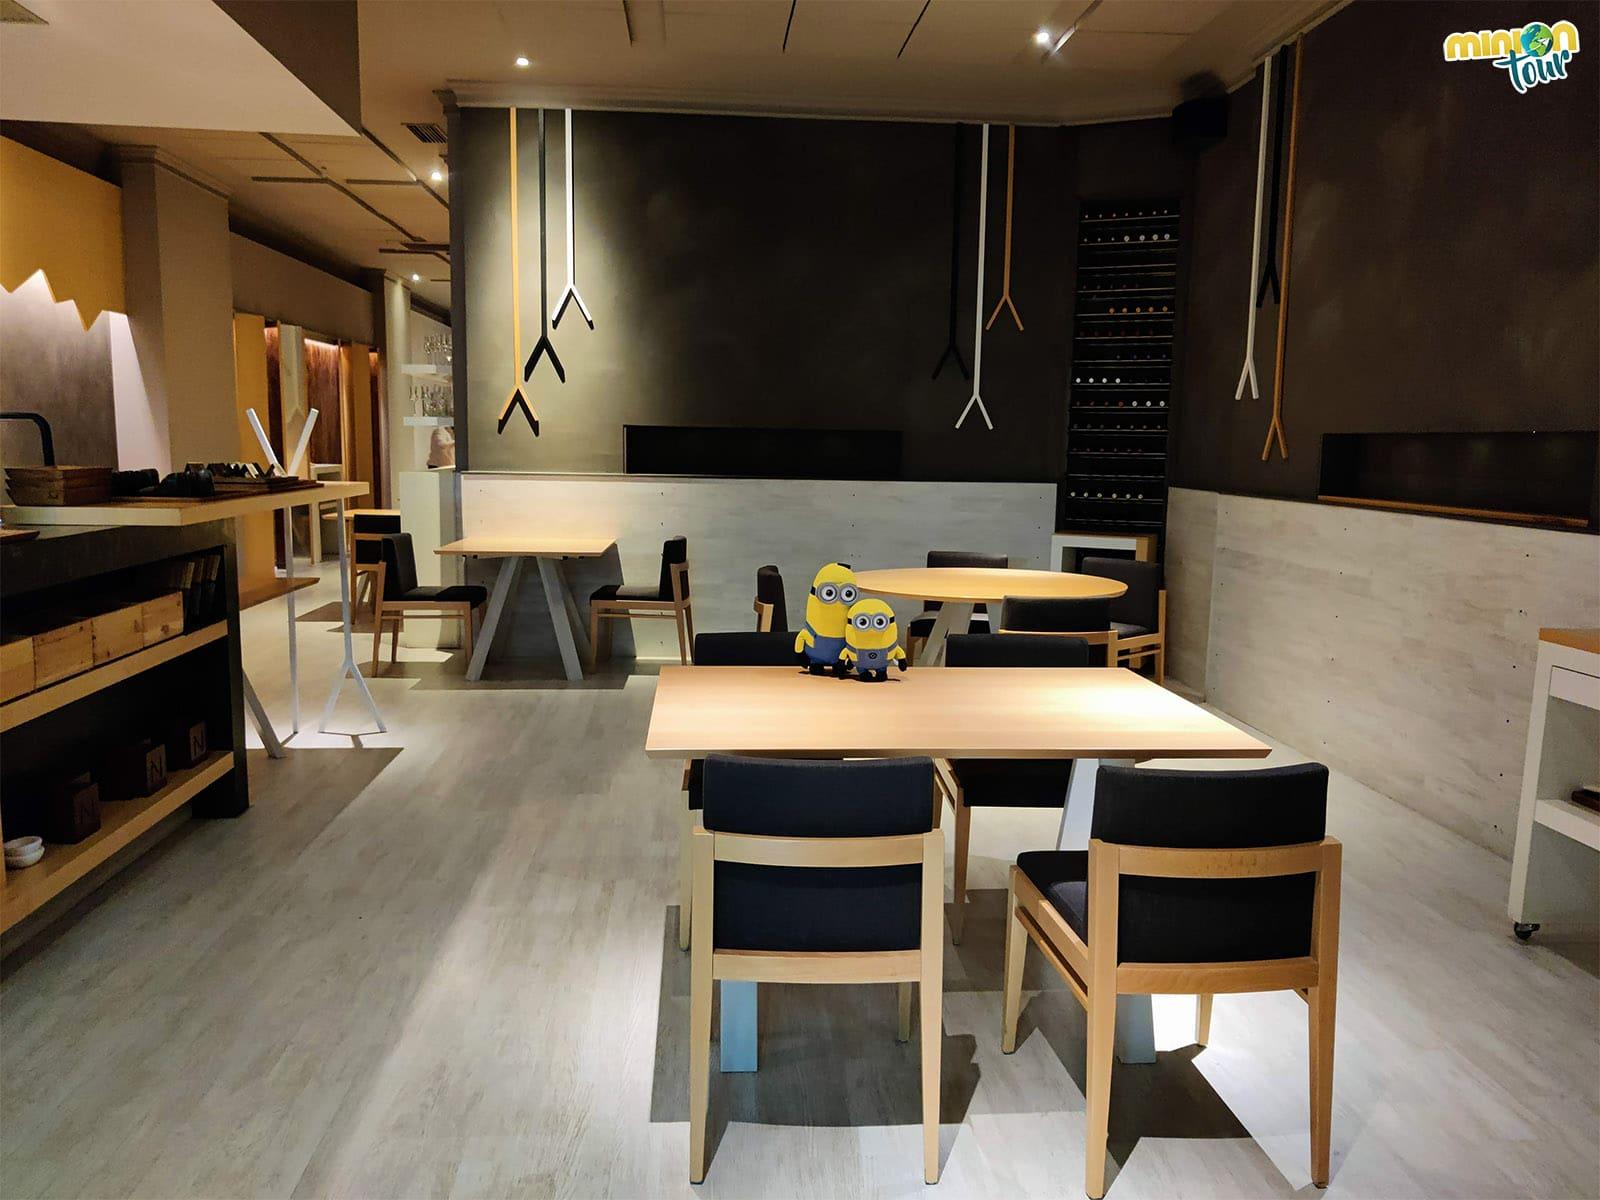 El restaurante Nova, un estrella Michelin en Ourense con cocina de raíces gallegas